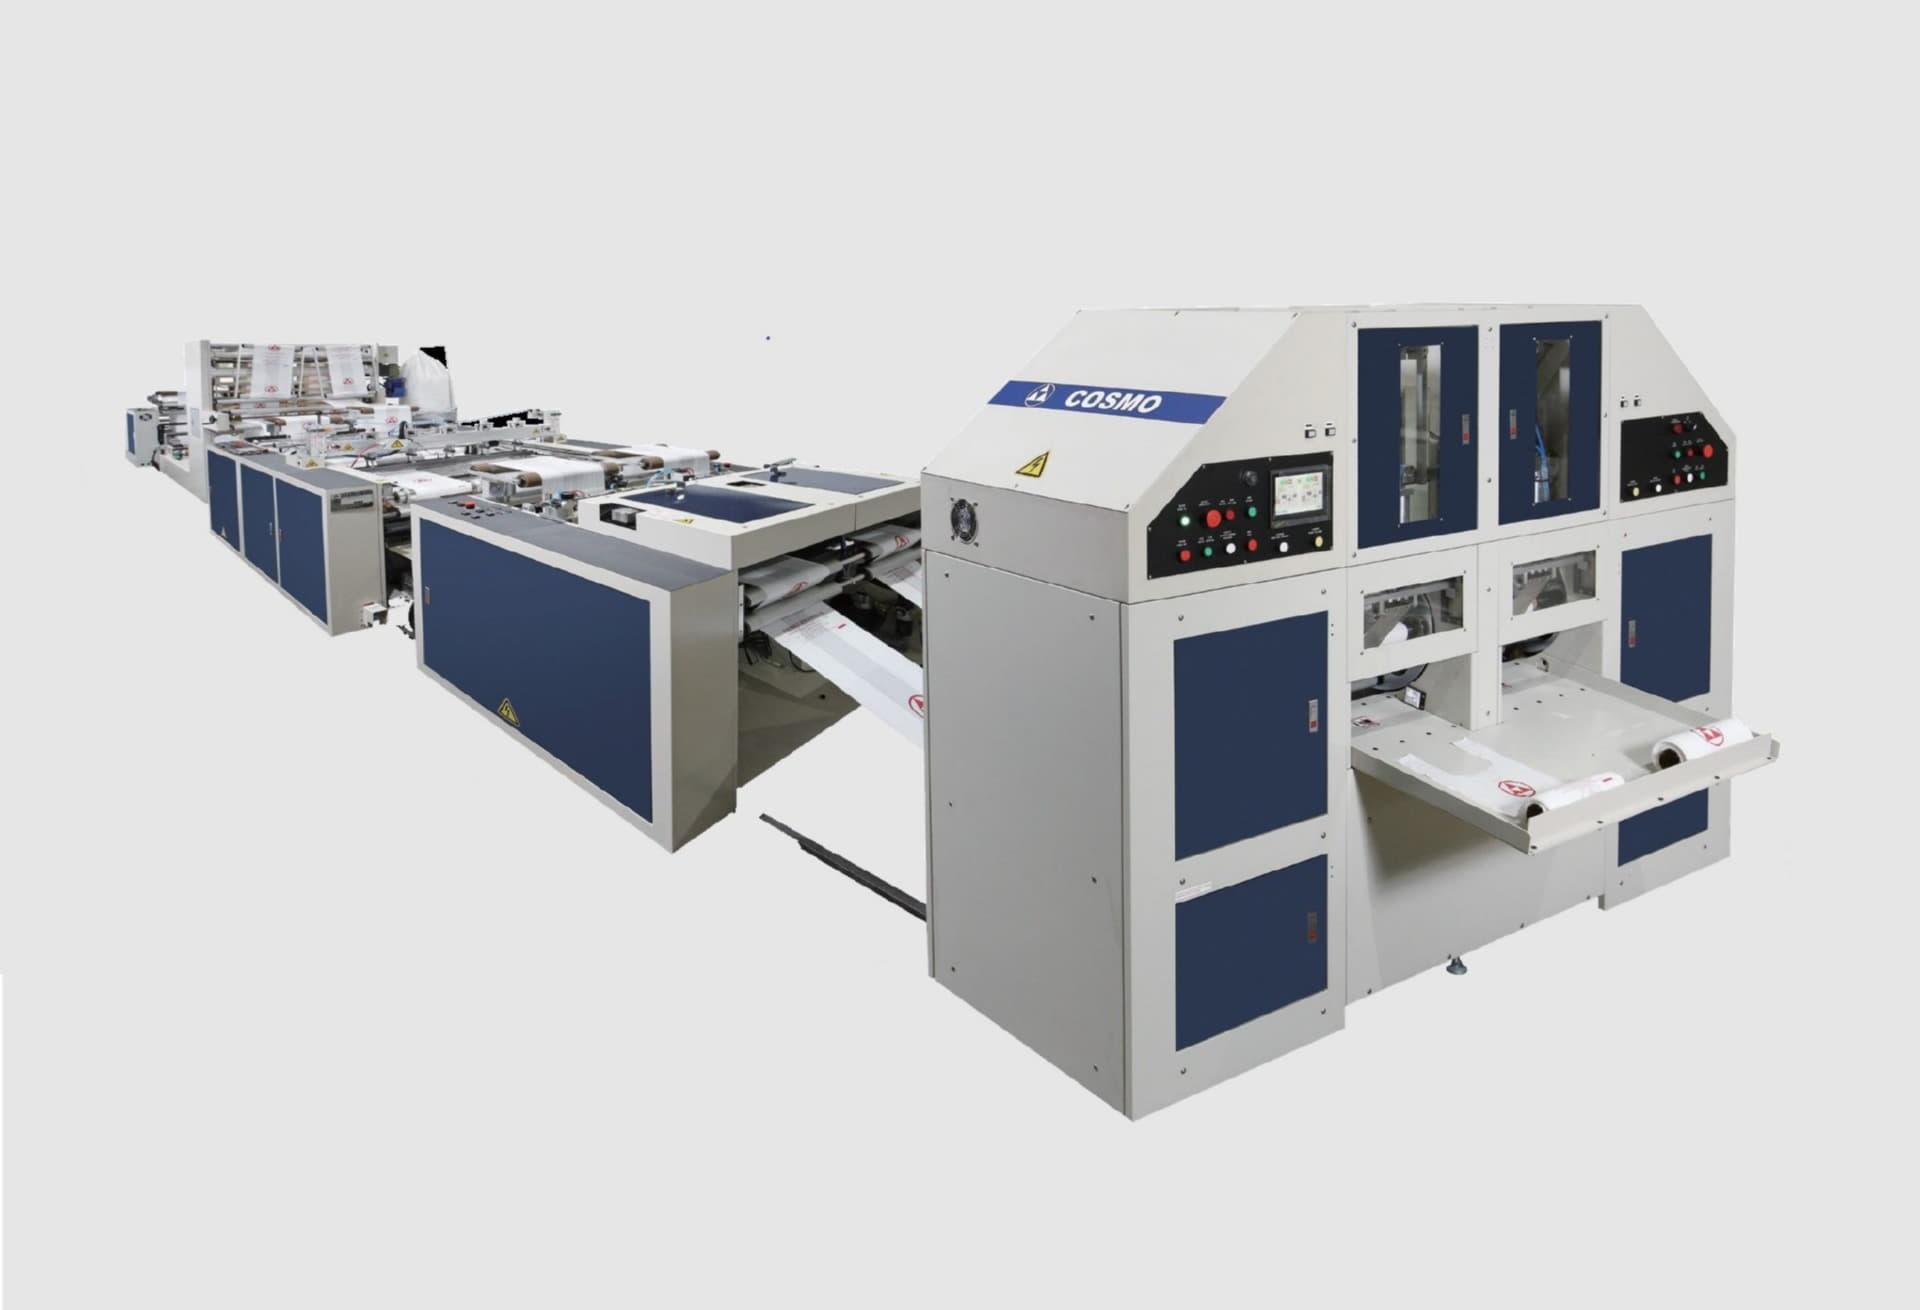 COSMO - STBCR-40-G2+OS / Sıcak Dilimleme ve Körüklü Rulo Atlet Poşet Kesim Makinesi